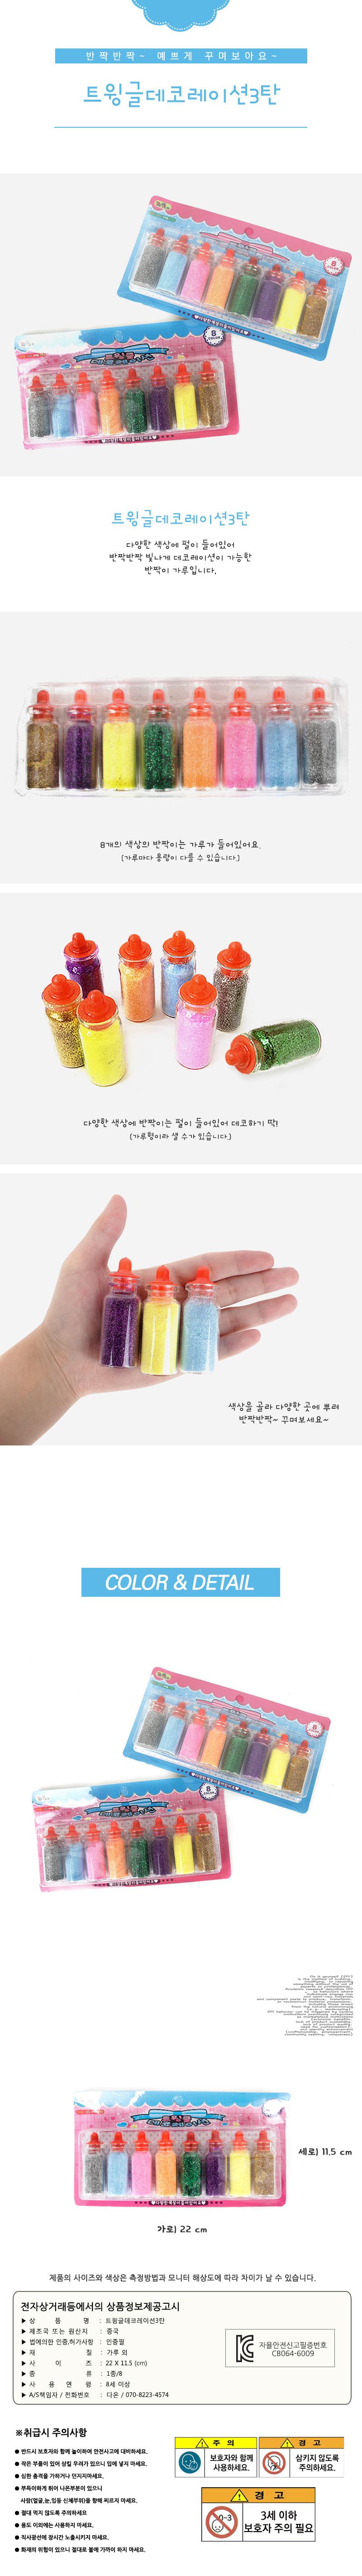 트윙글데코레이션3탄 색상랜덤 - 아토, 3,000원, 네일, 네일스티커/파츠